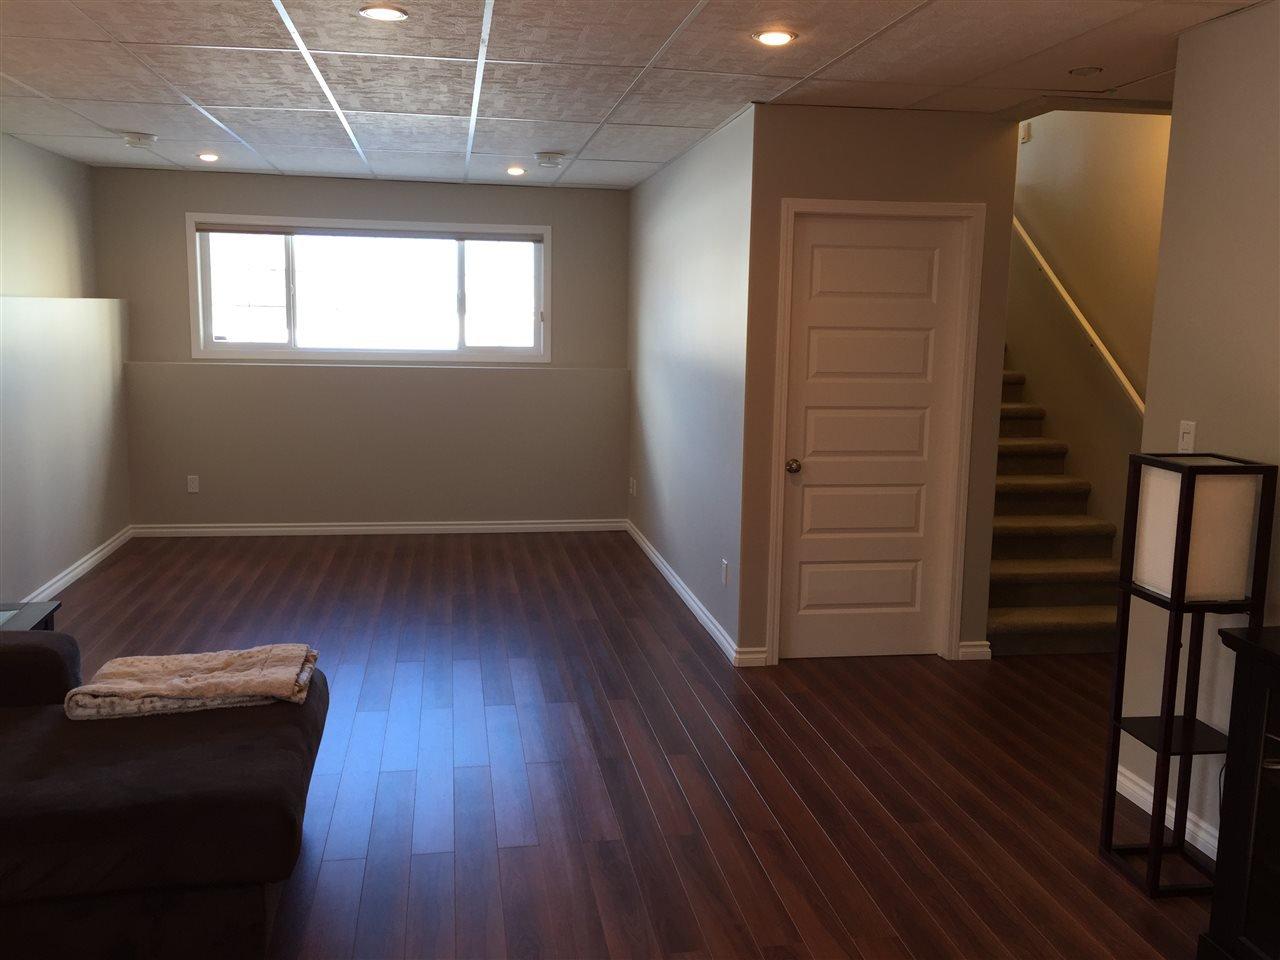 Photo 14: Photos: 11351 86A Street in Fort St. John: Fort St. John - City NE House for sale (Fort St. John (Zone 60))  : MLS®# R2147006